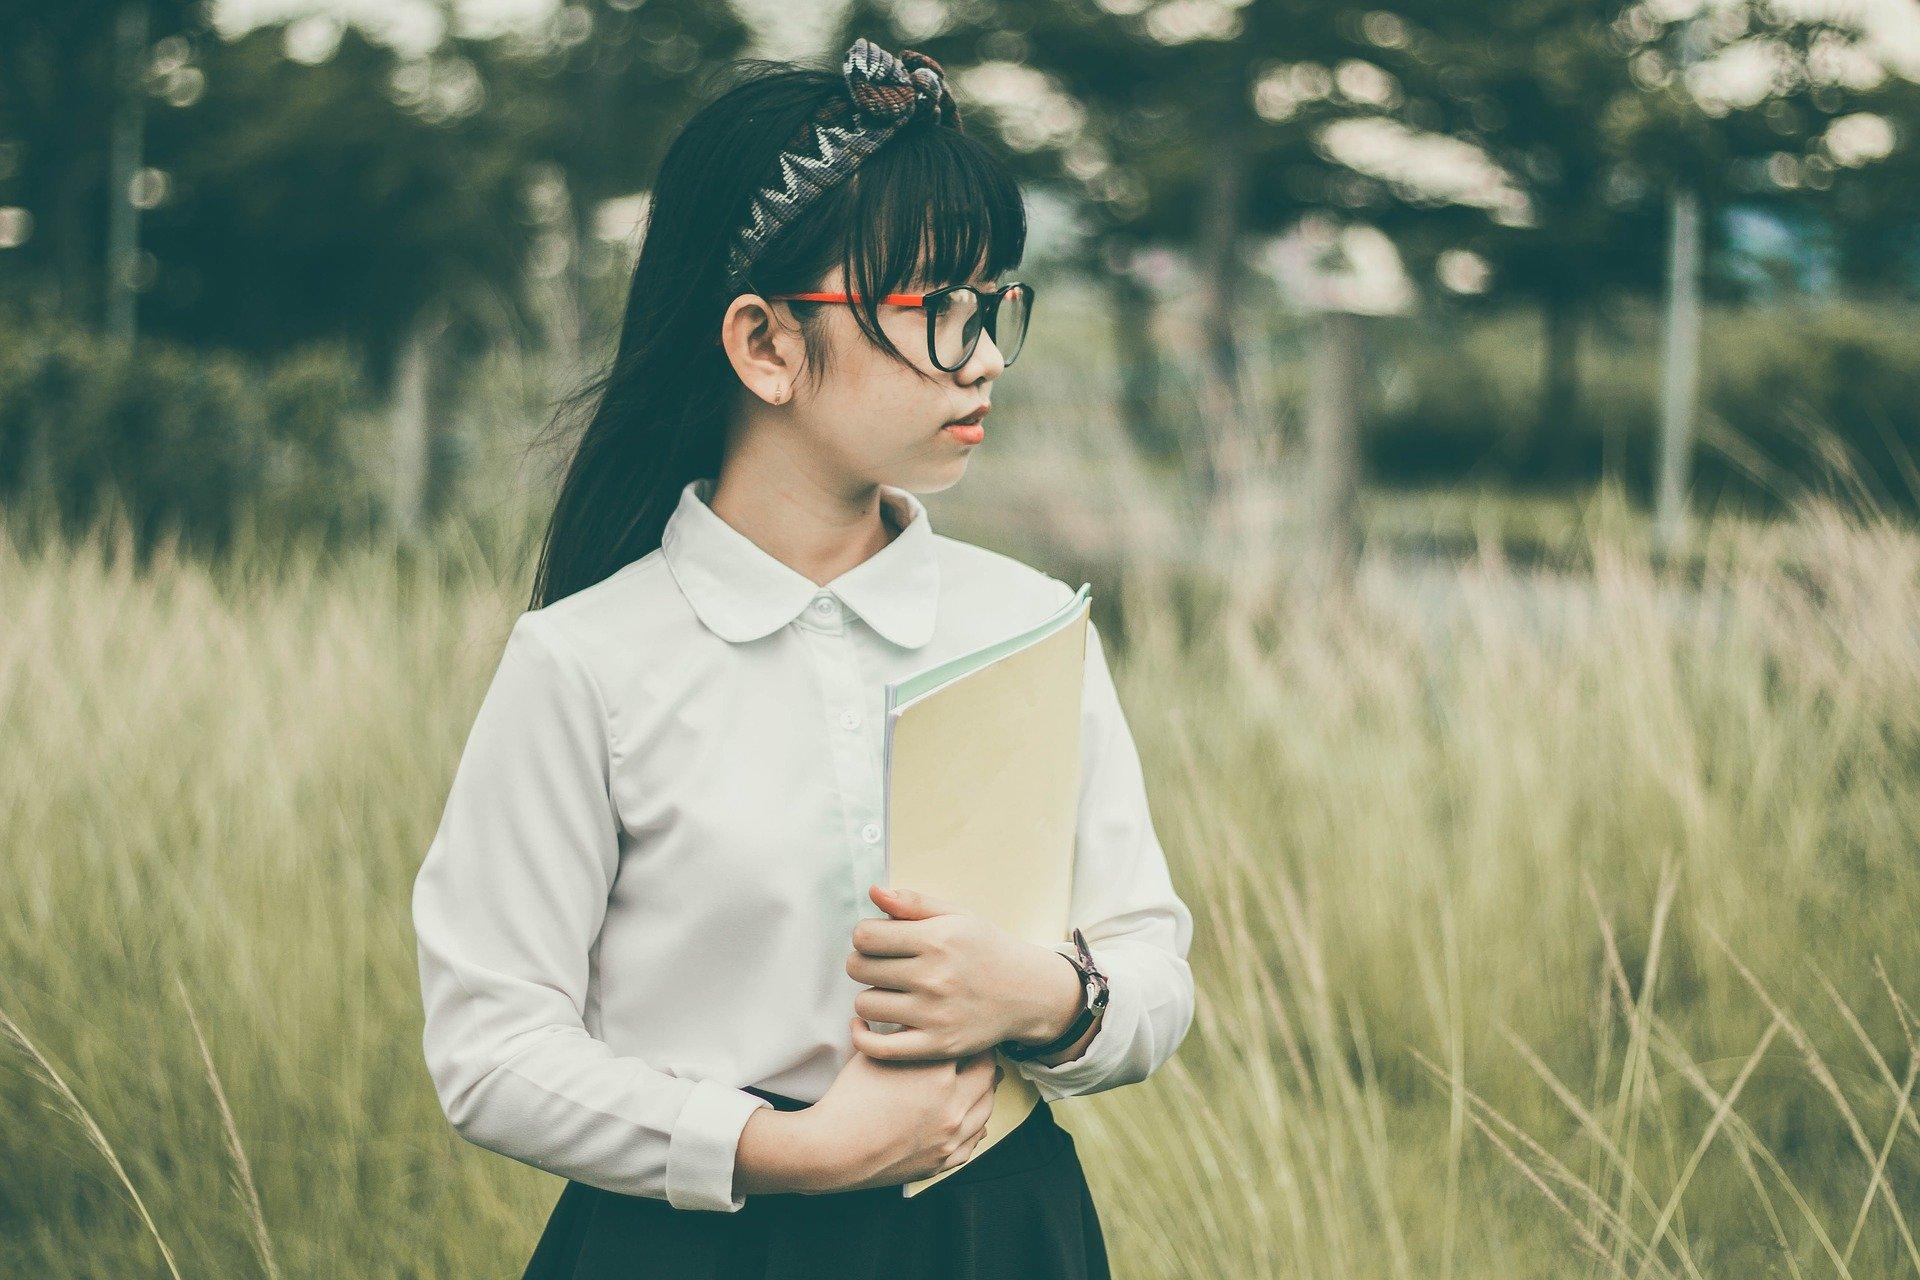 Buch Mädchen 9 Jahre - Hier wirst du fündig!